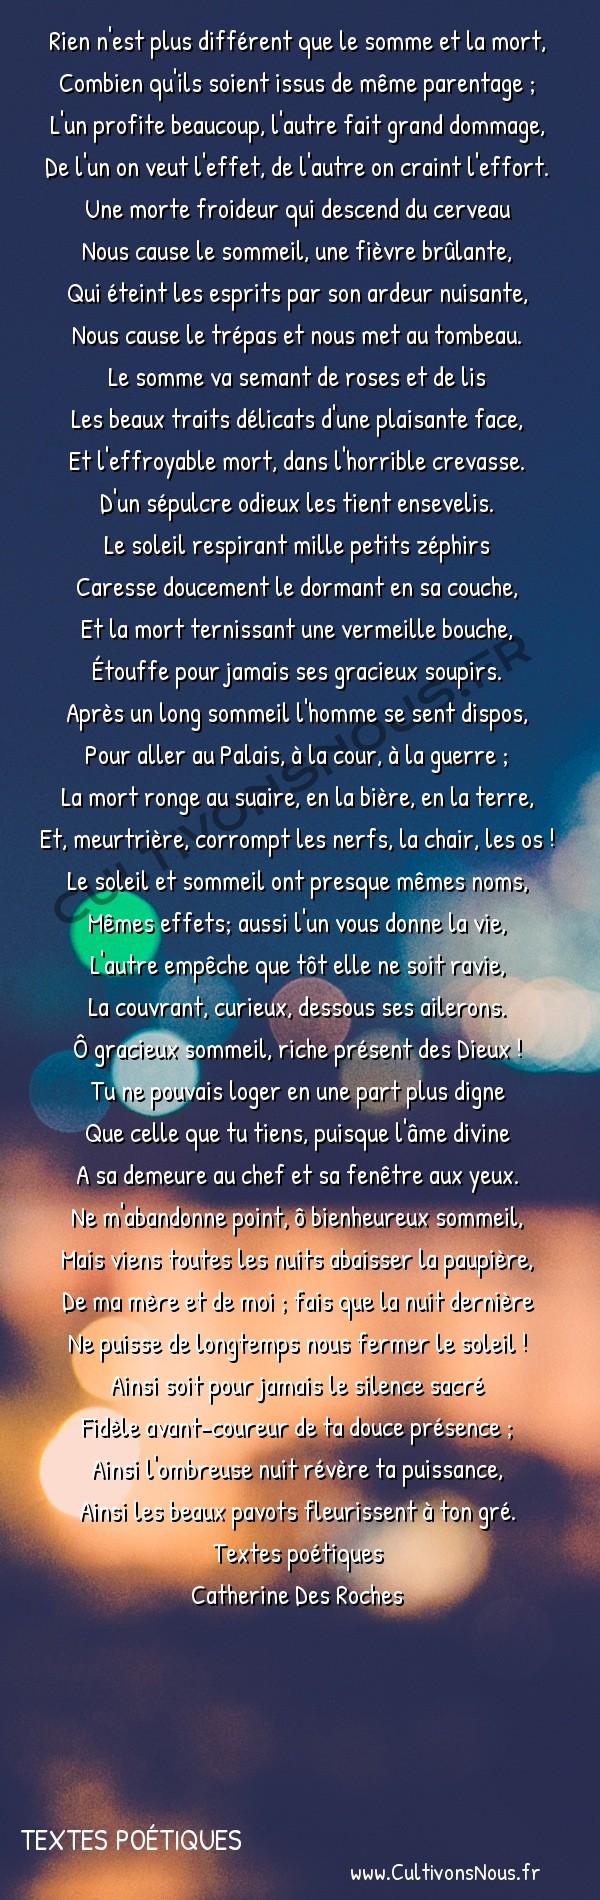 Poésies Catherine Des Roches - Textes poétiques - Antithèse du somme et de la mort -  Rien n'est plus différent que le somme et la mort, Combien qu'ils soient issus de même parentage ;